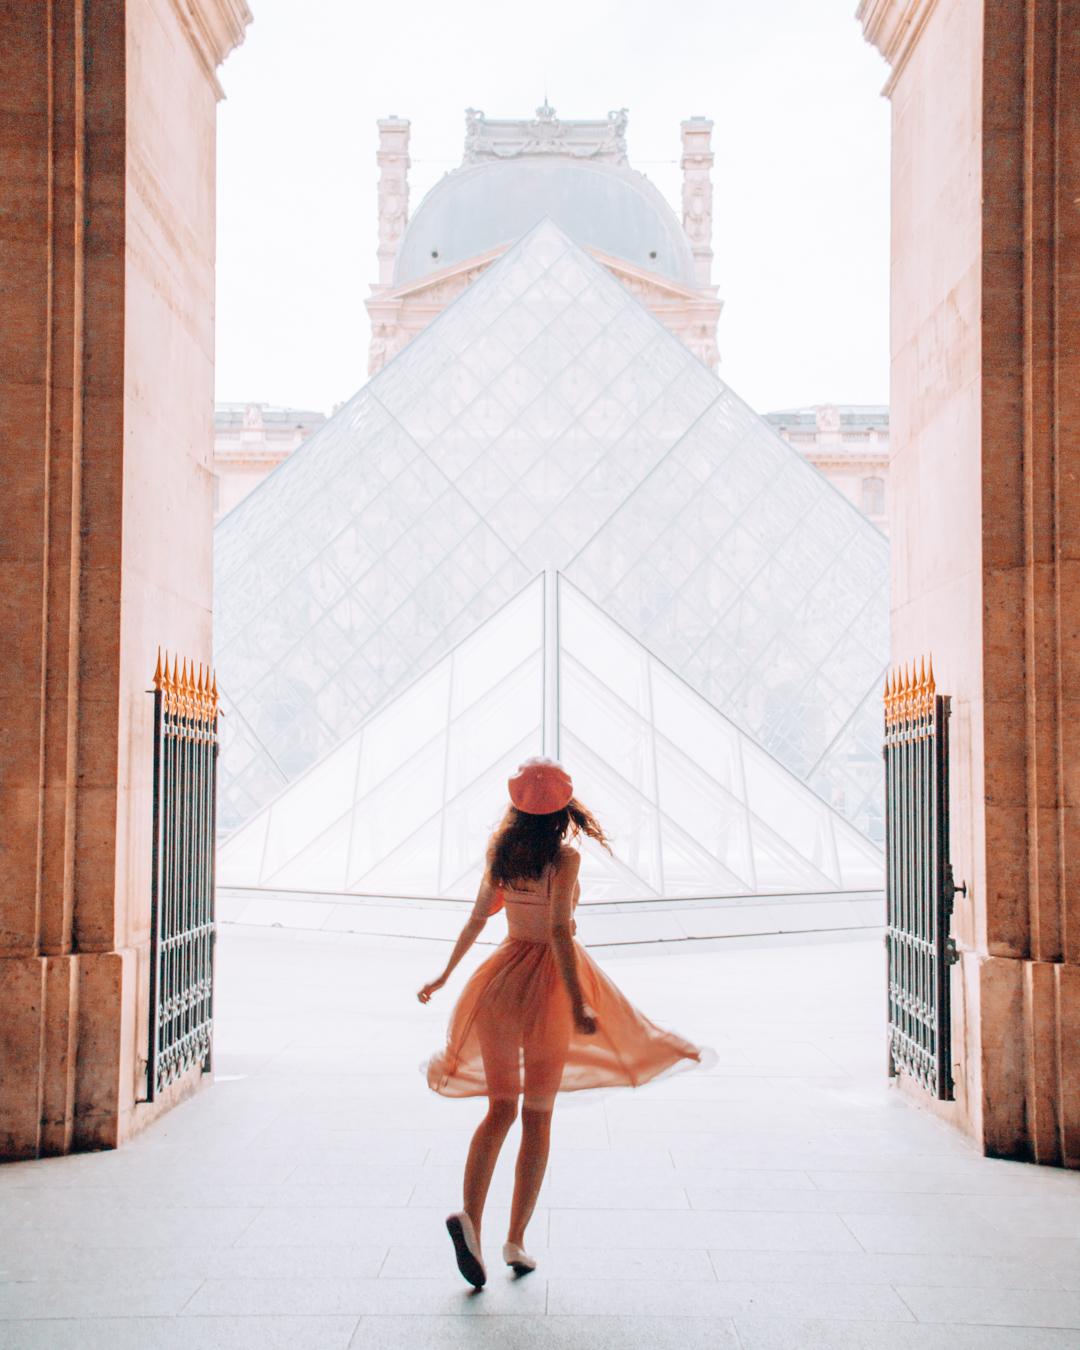 Girl running towards the Louvre